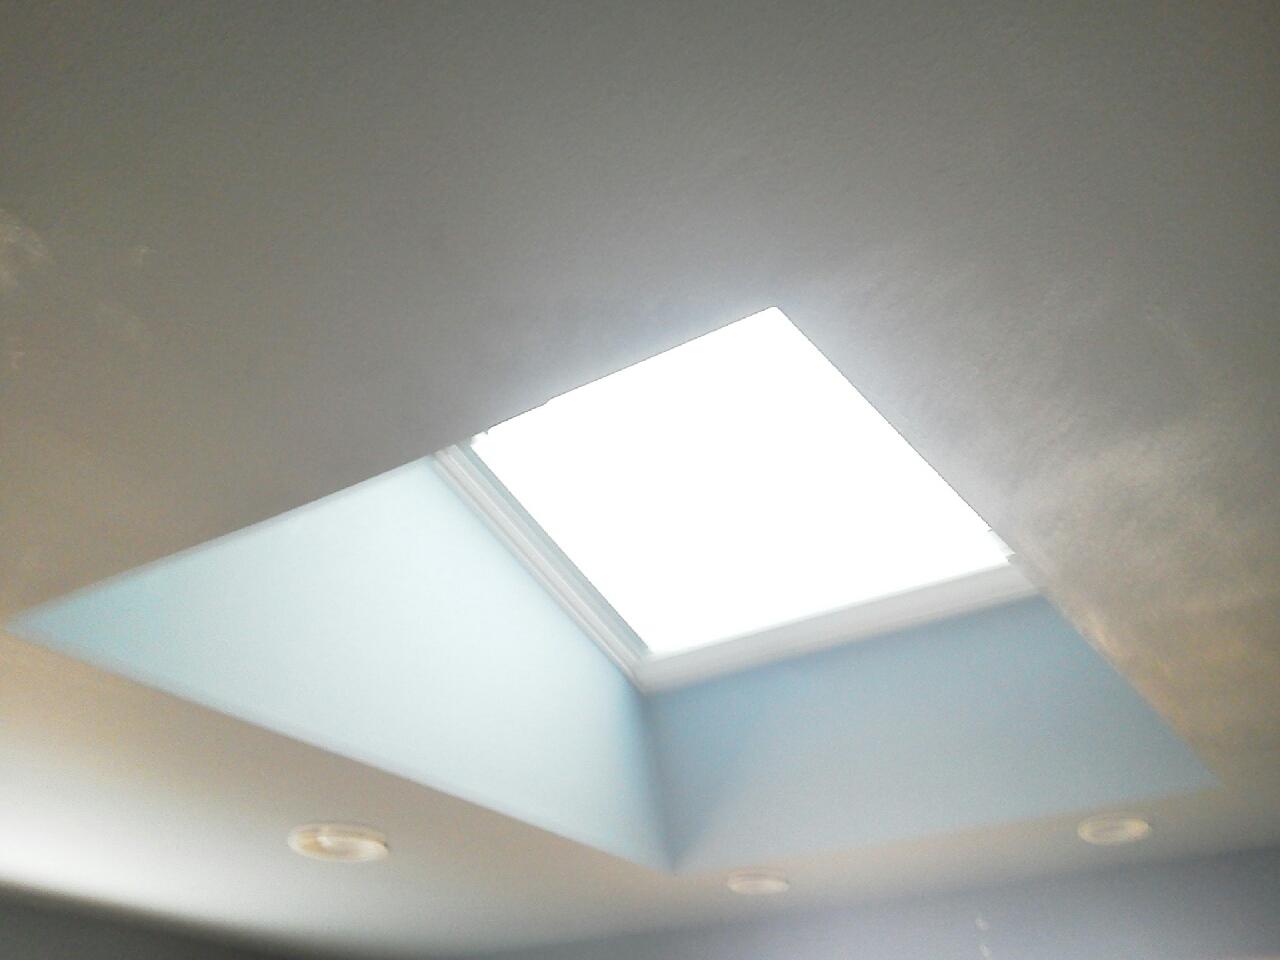 4x4 Bathroom-Flat Ceiling